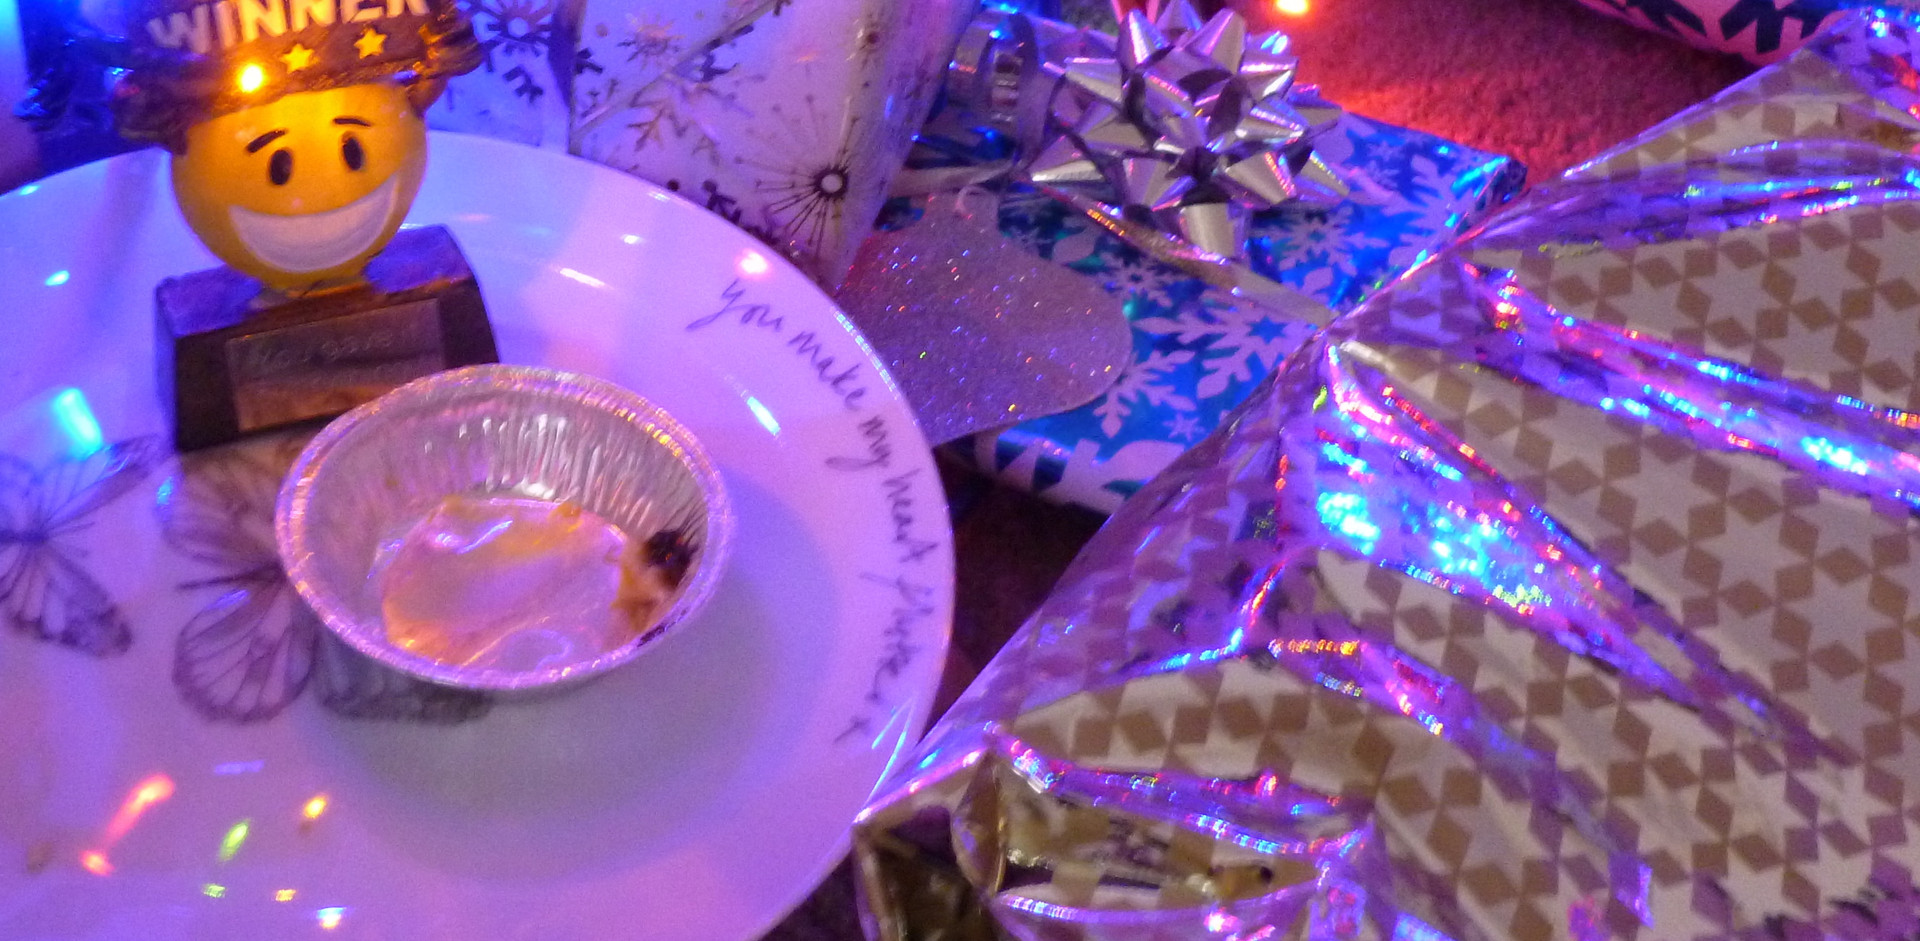 wiggy ate Santa's mince pie